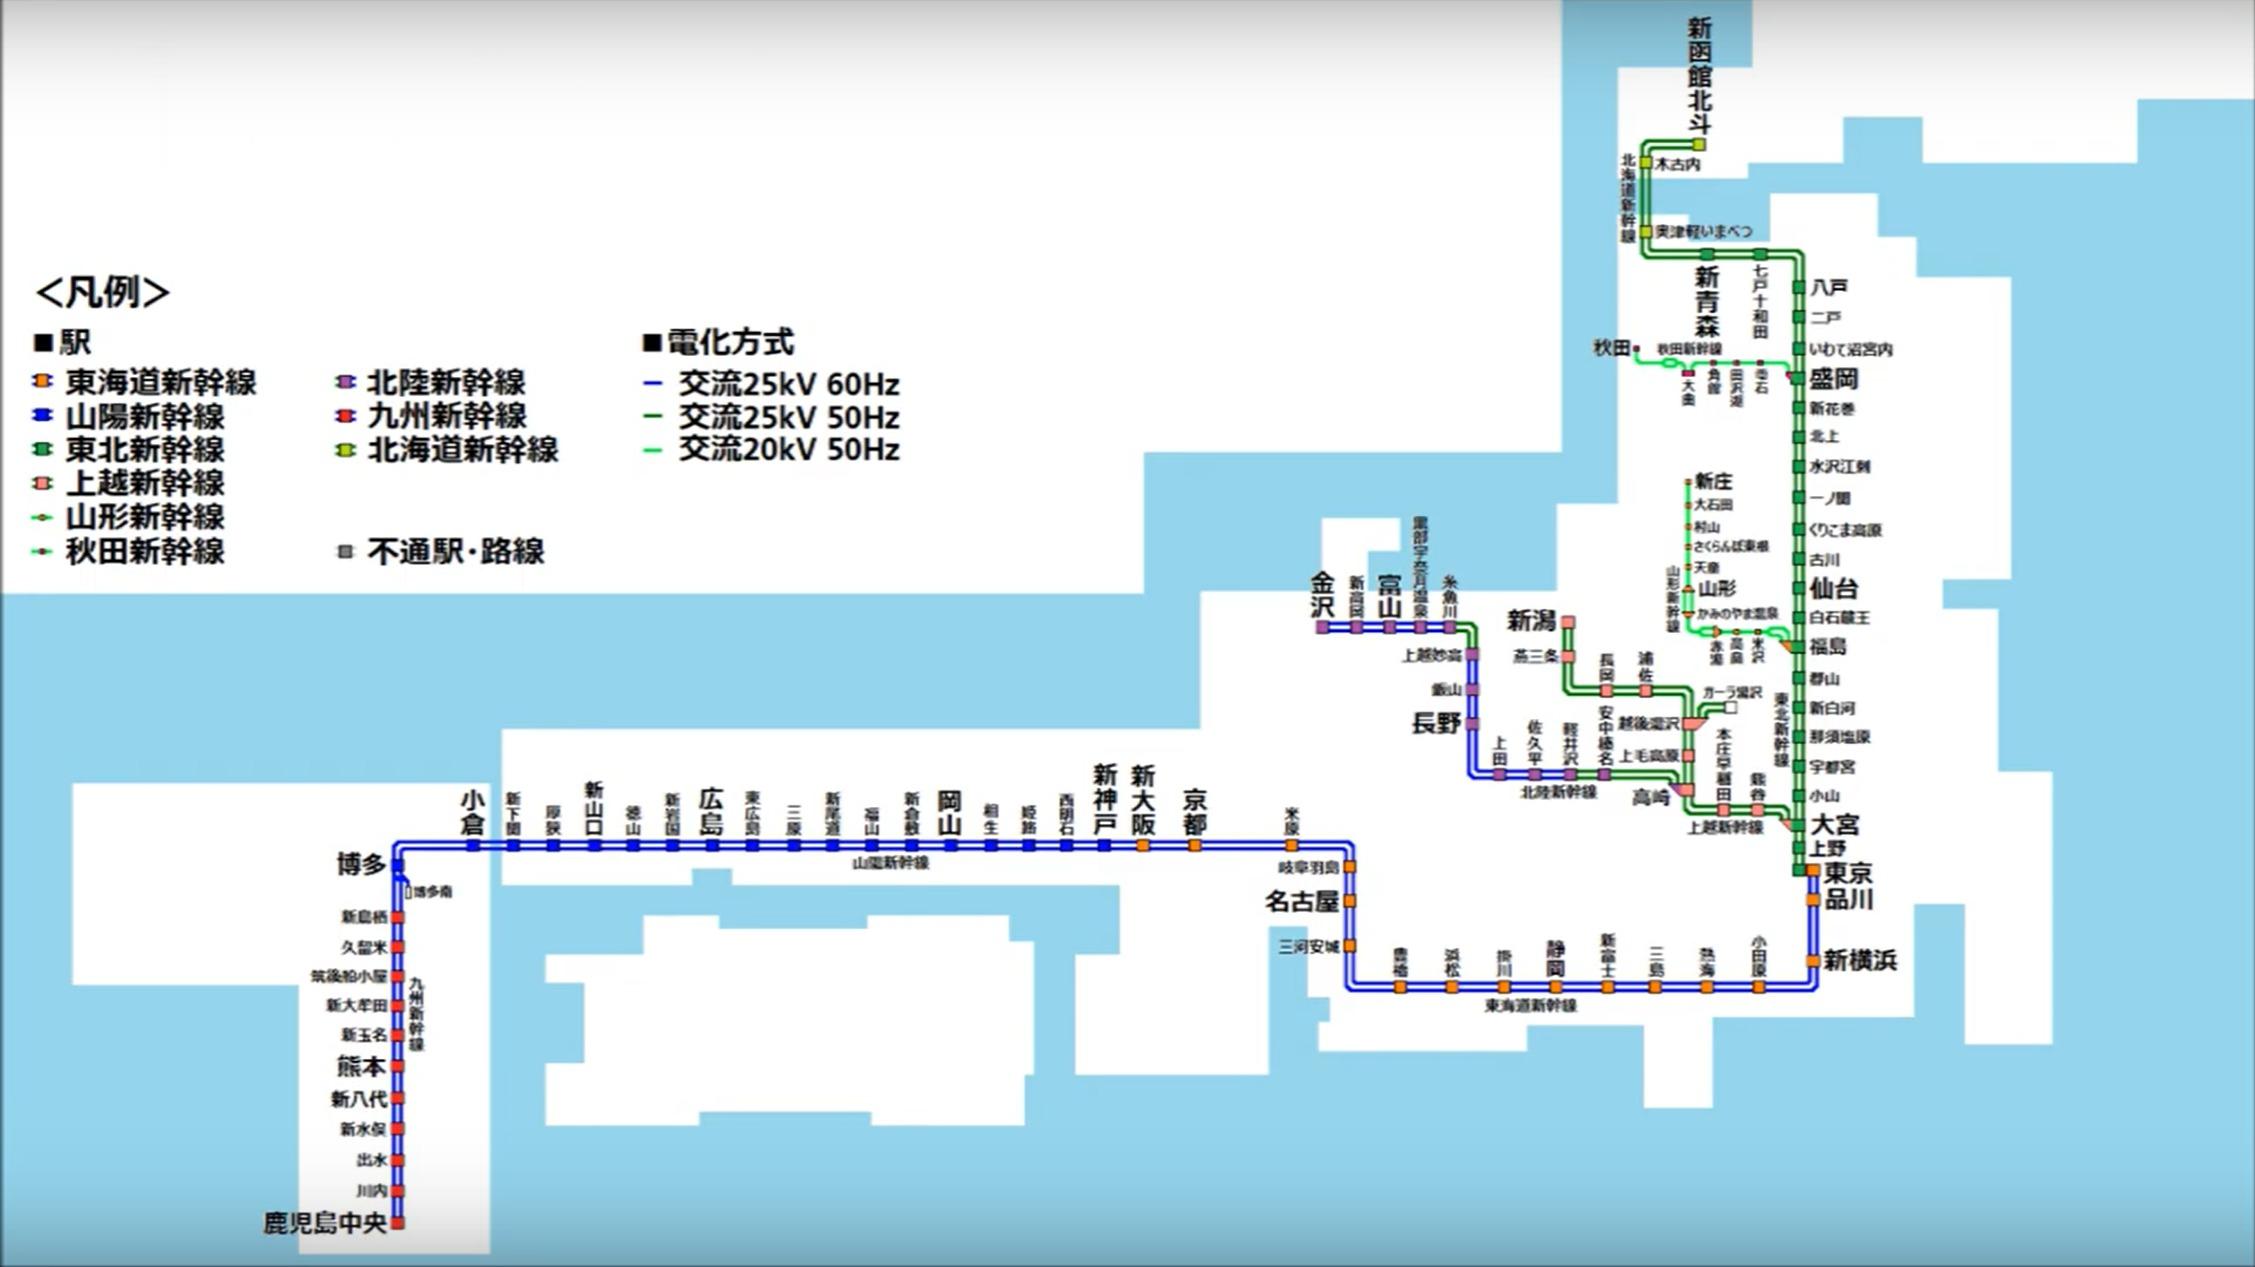 【1964年~2020年】日本全国の新幹線の路線網の歴史をまとめてみた